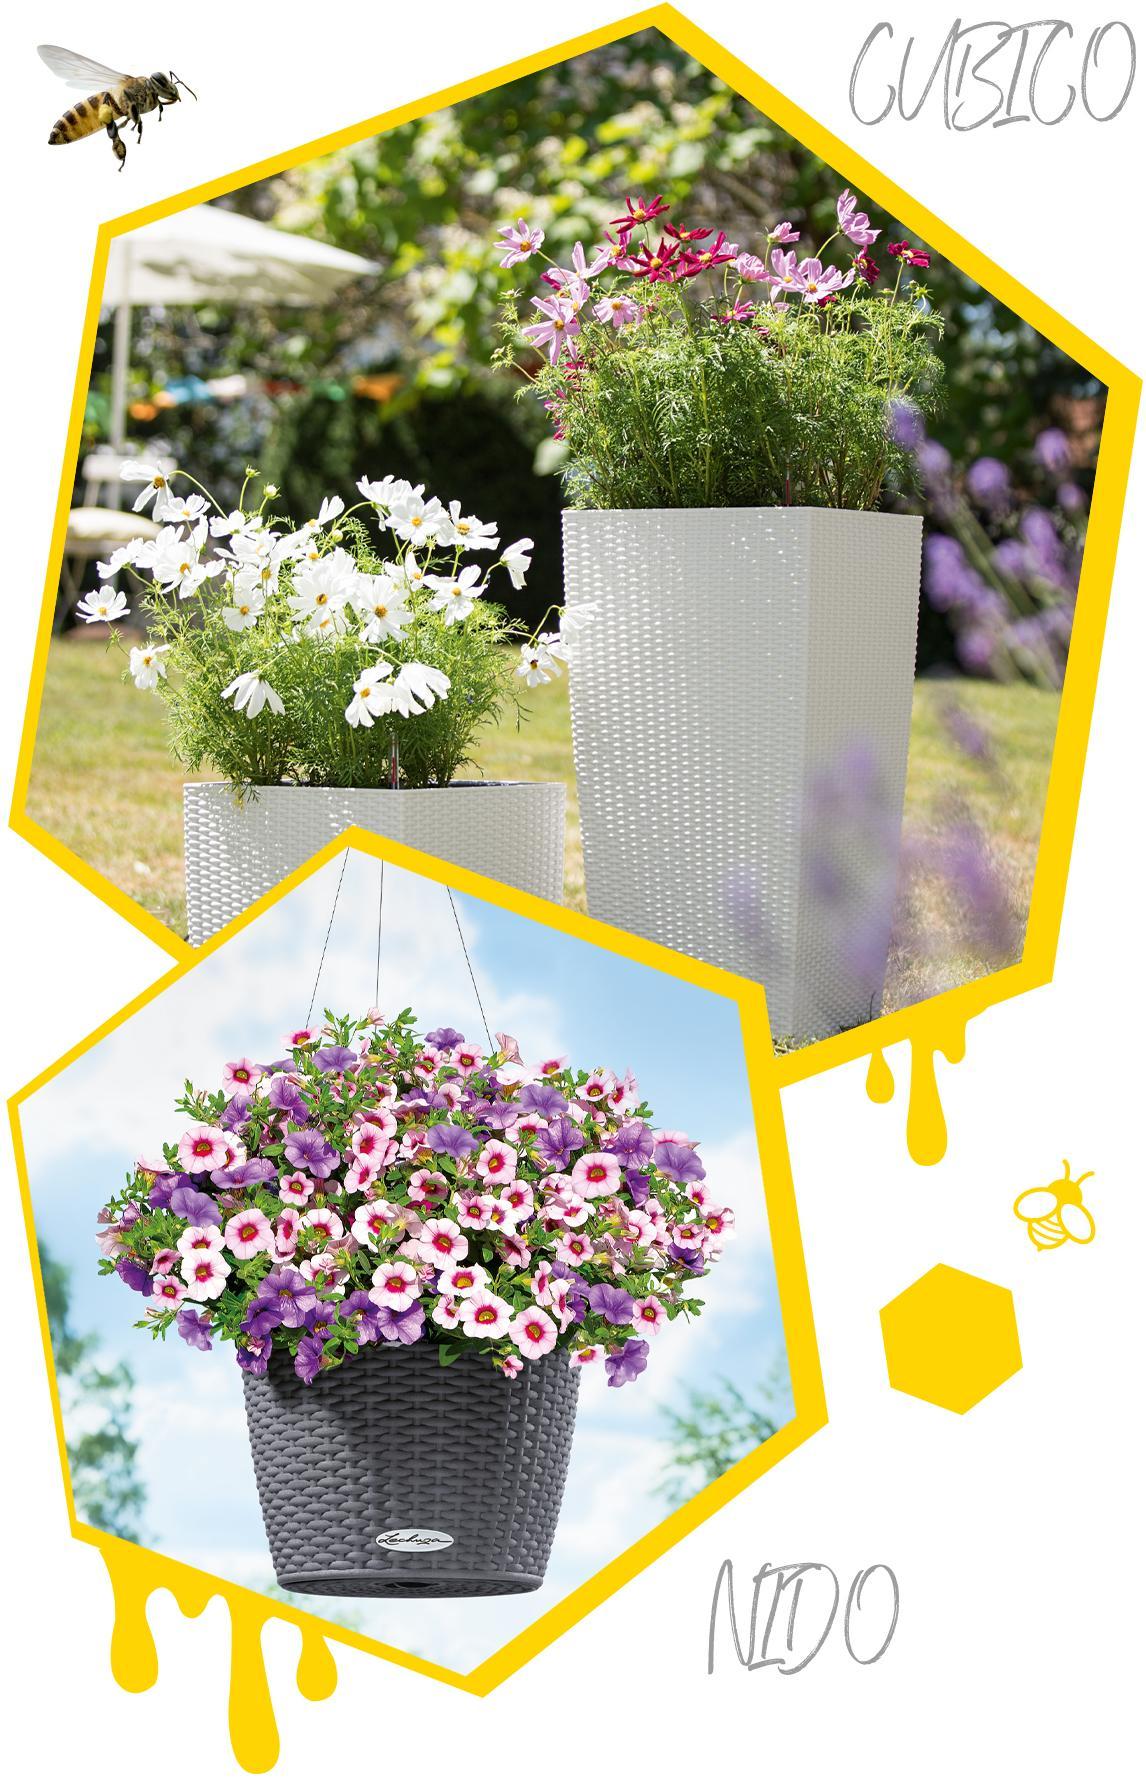 Zwei Waben mit bepflanzten LECHUZA Cottage Gefäßen mit Sommerblumen